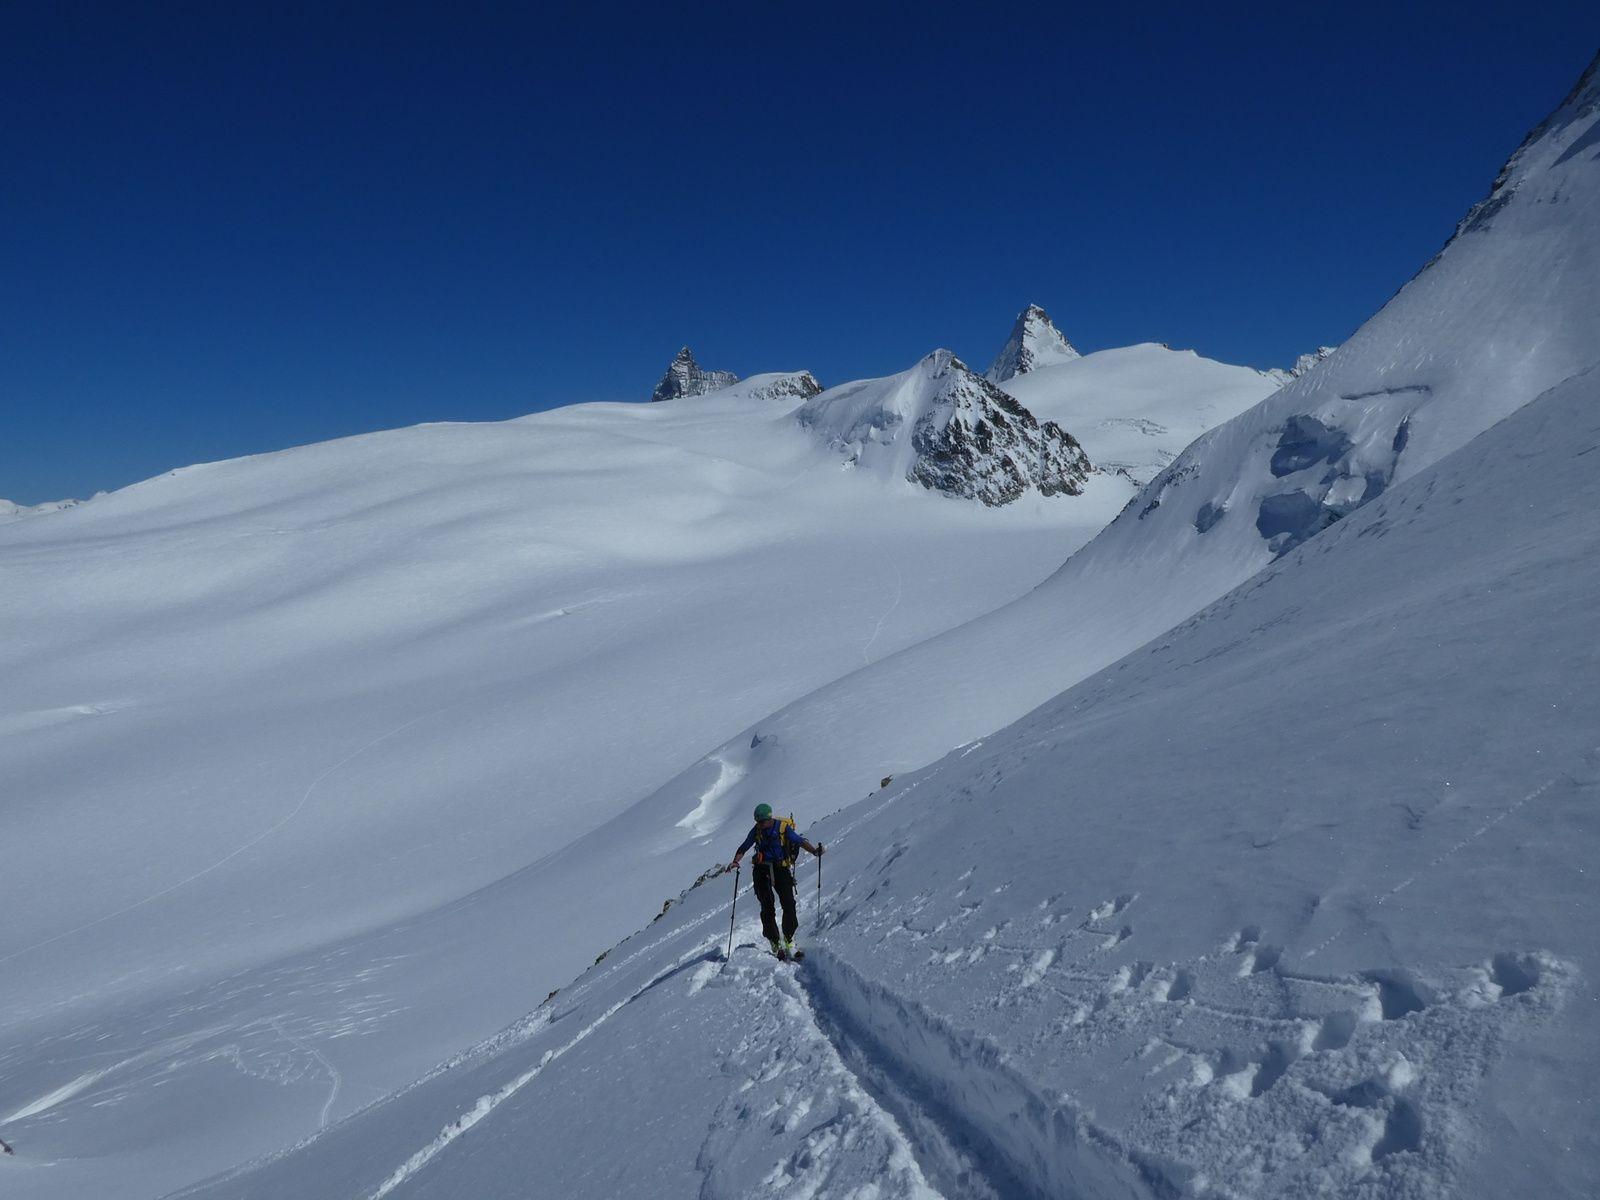 Vidéo : ski de randonnée - Dents de bertol 3524 m